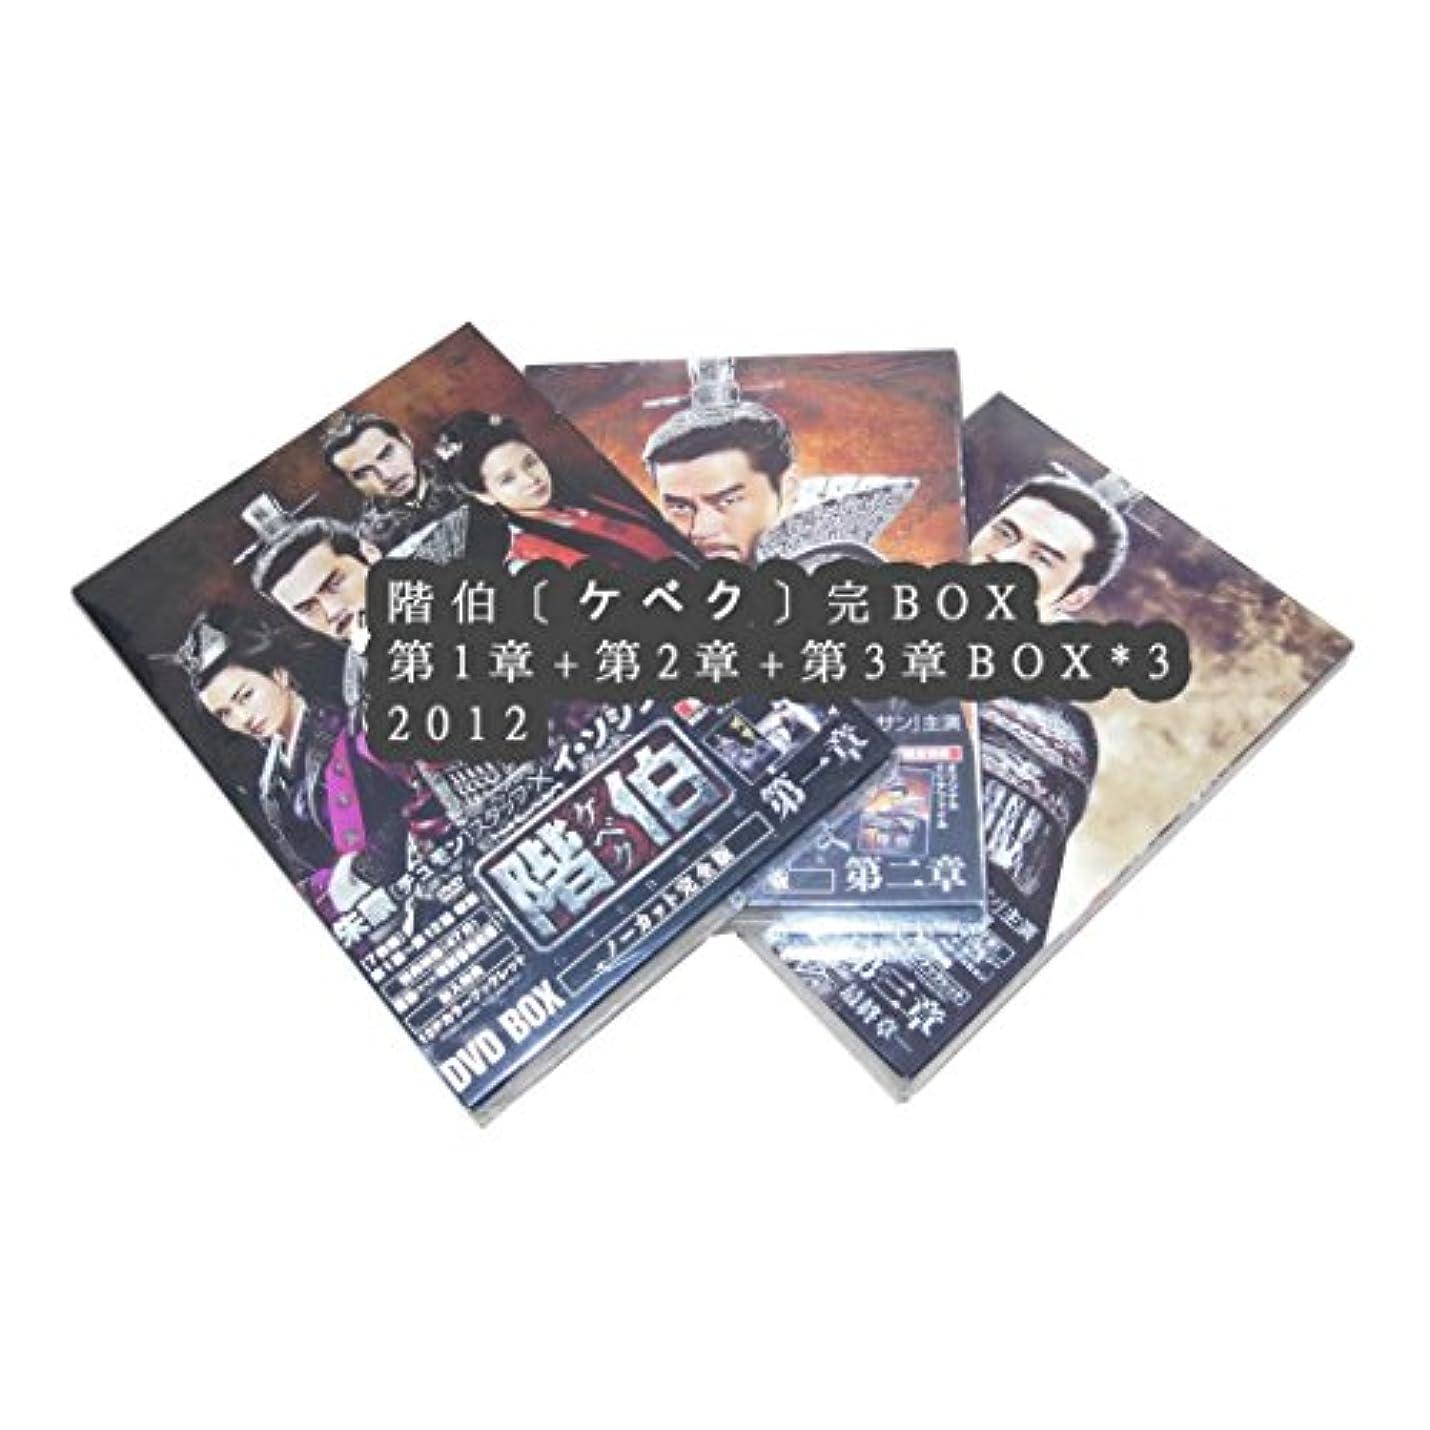 韓国語軽蔑する節約階伯〔ケベク〕 完 BOX第1章+第2章+第3章 BOX*3 2012